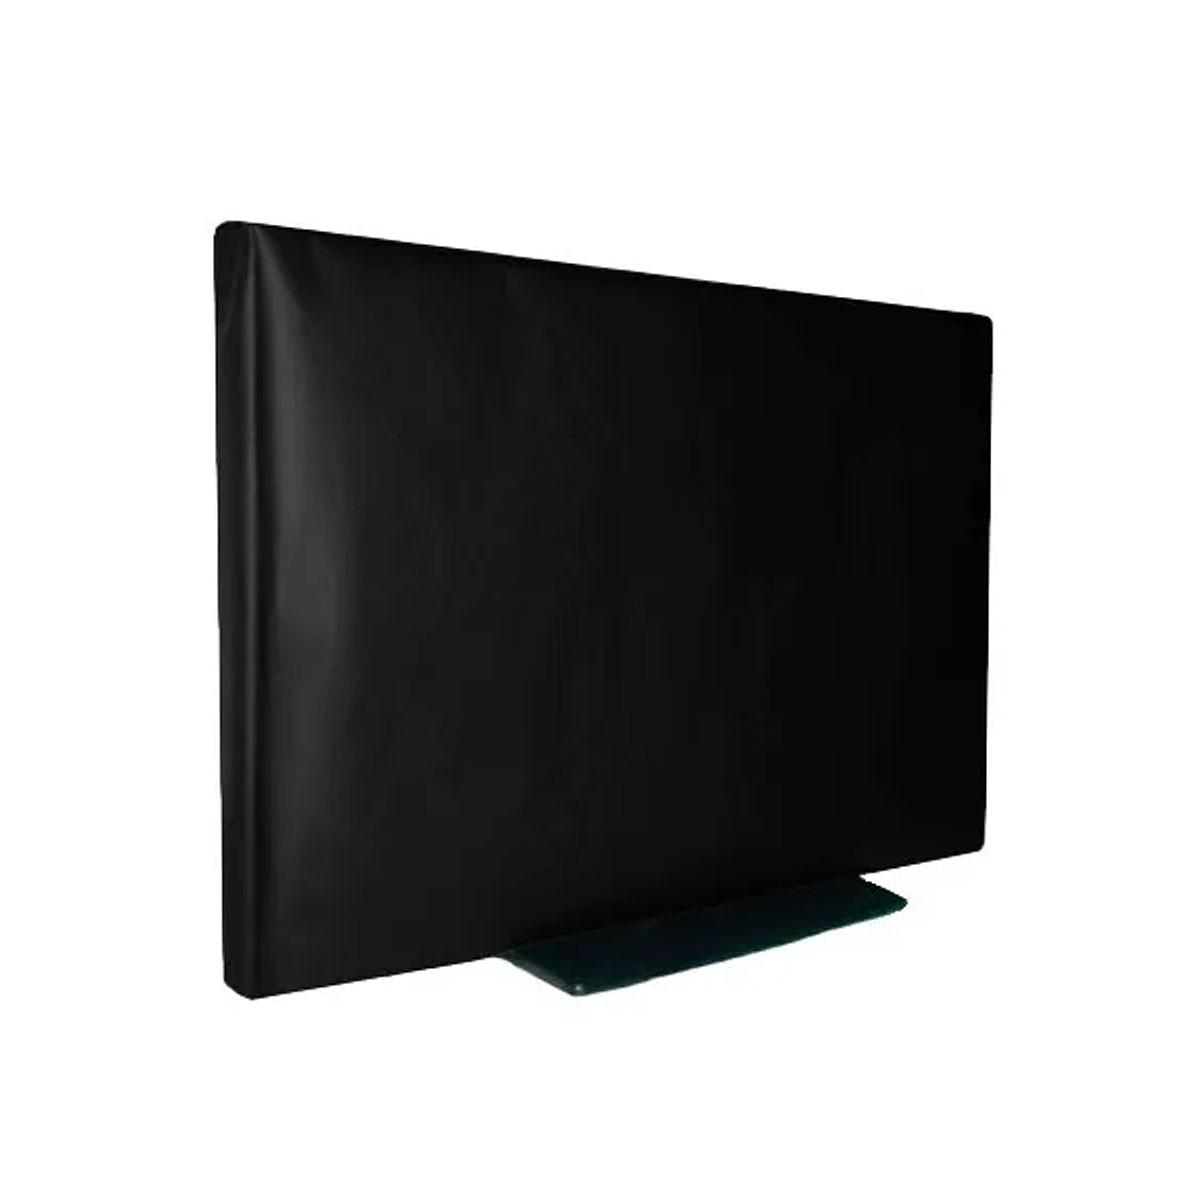 Capa Tv Lcd 55 Em Corino Com Velcro Não Sai Com O Vento